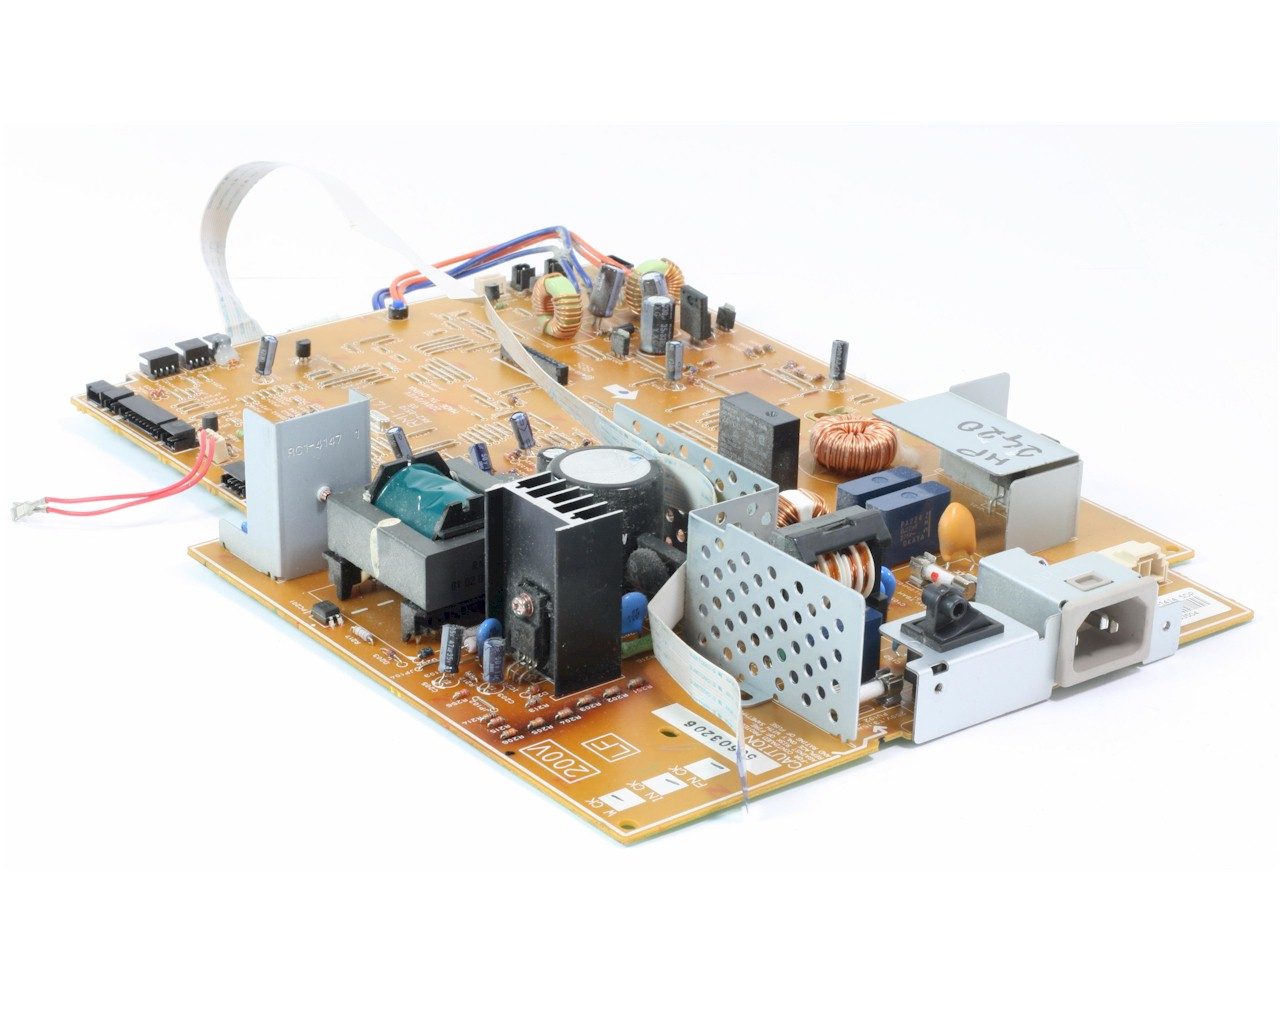 HP Netzteil RM1-1414 POWER SUPPLY für Laserjet 2410 2420 2430 gebraucht